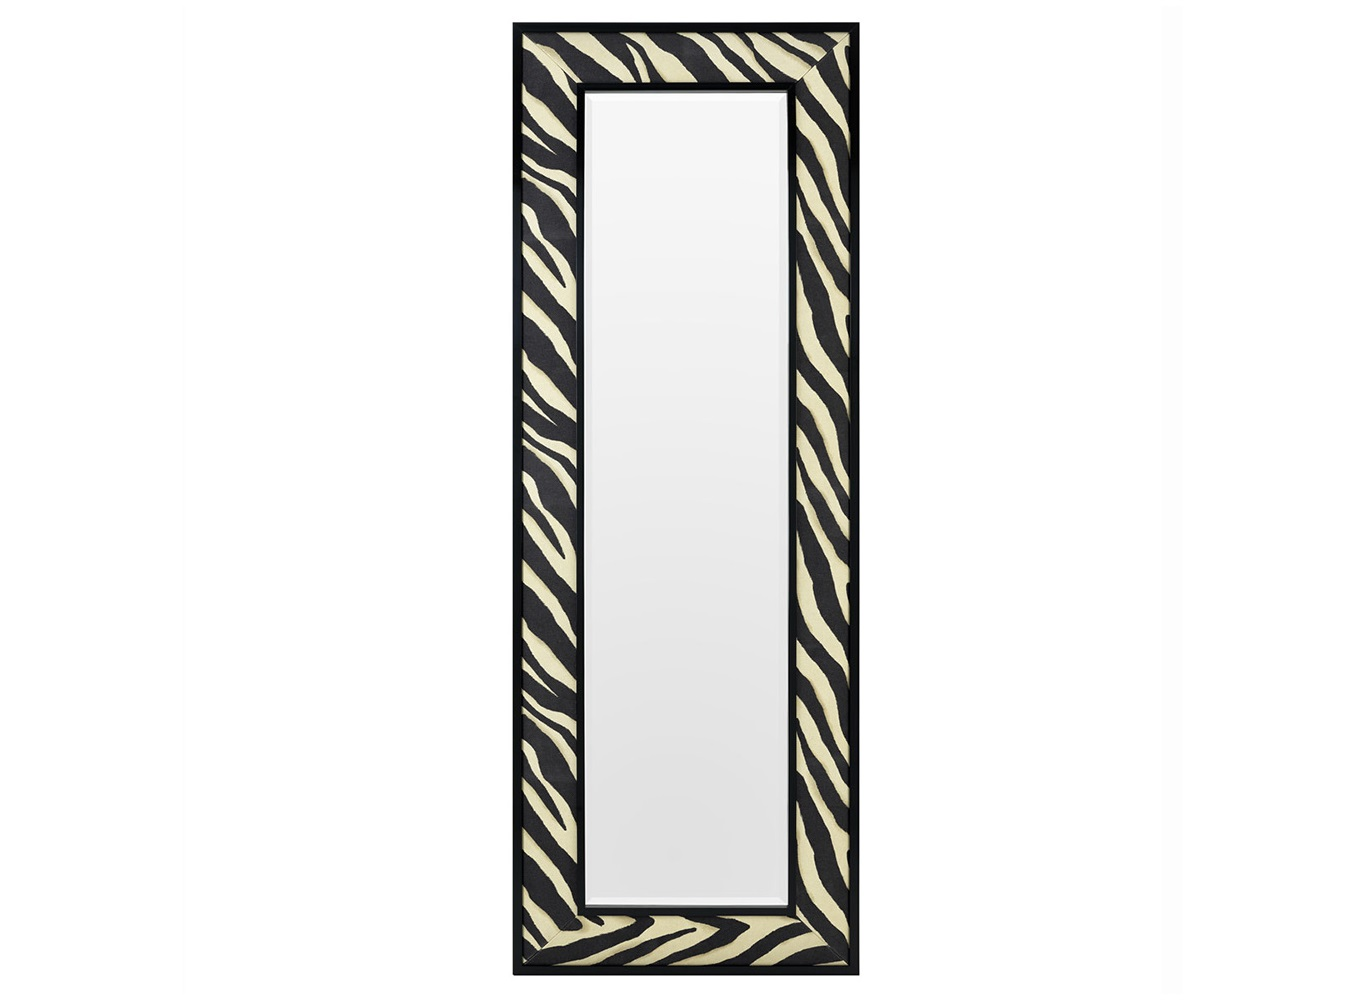 ЗеркалоНастенные зеркала<br>Зеркало Mirror Zebra в металлической раме с тканевой отделкой. Ткань с черно-белым принтом &amp;amp;quot;под зебру&amp;amp;quot;.<br><br>Material: Текстиль<br>Width см: 80<br>Height см: 220